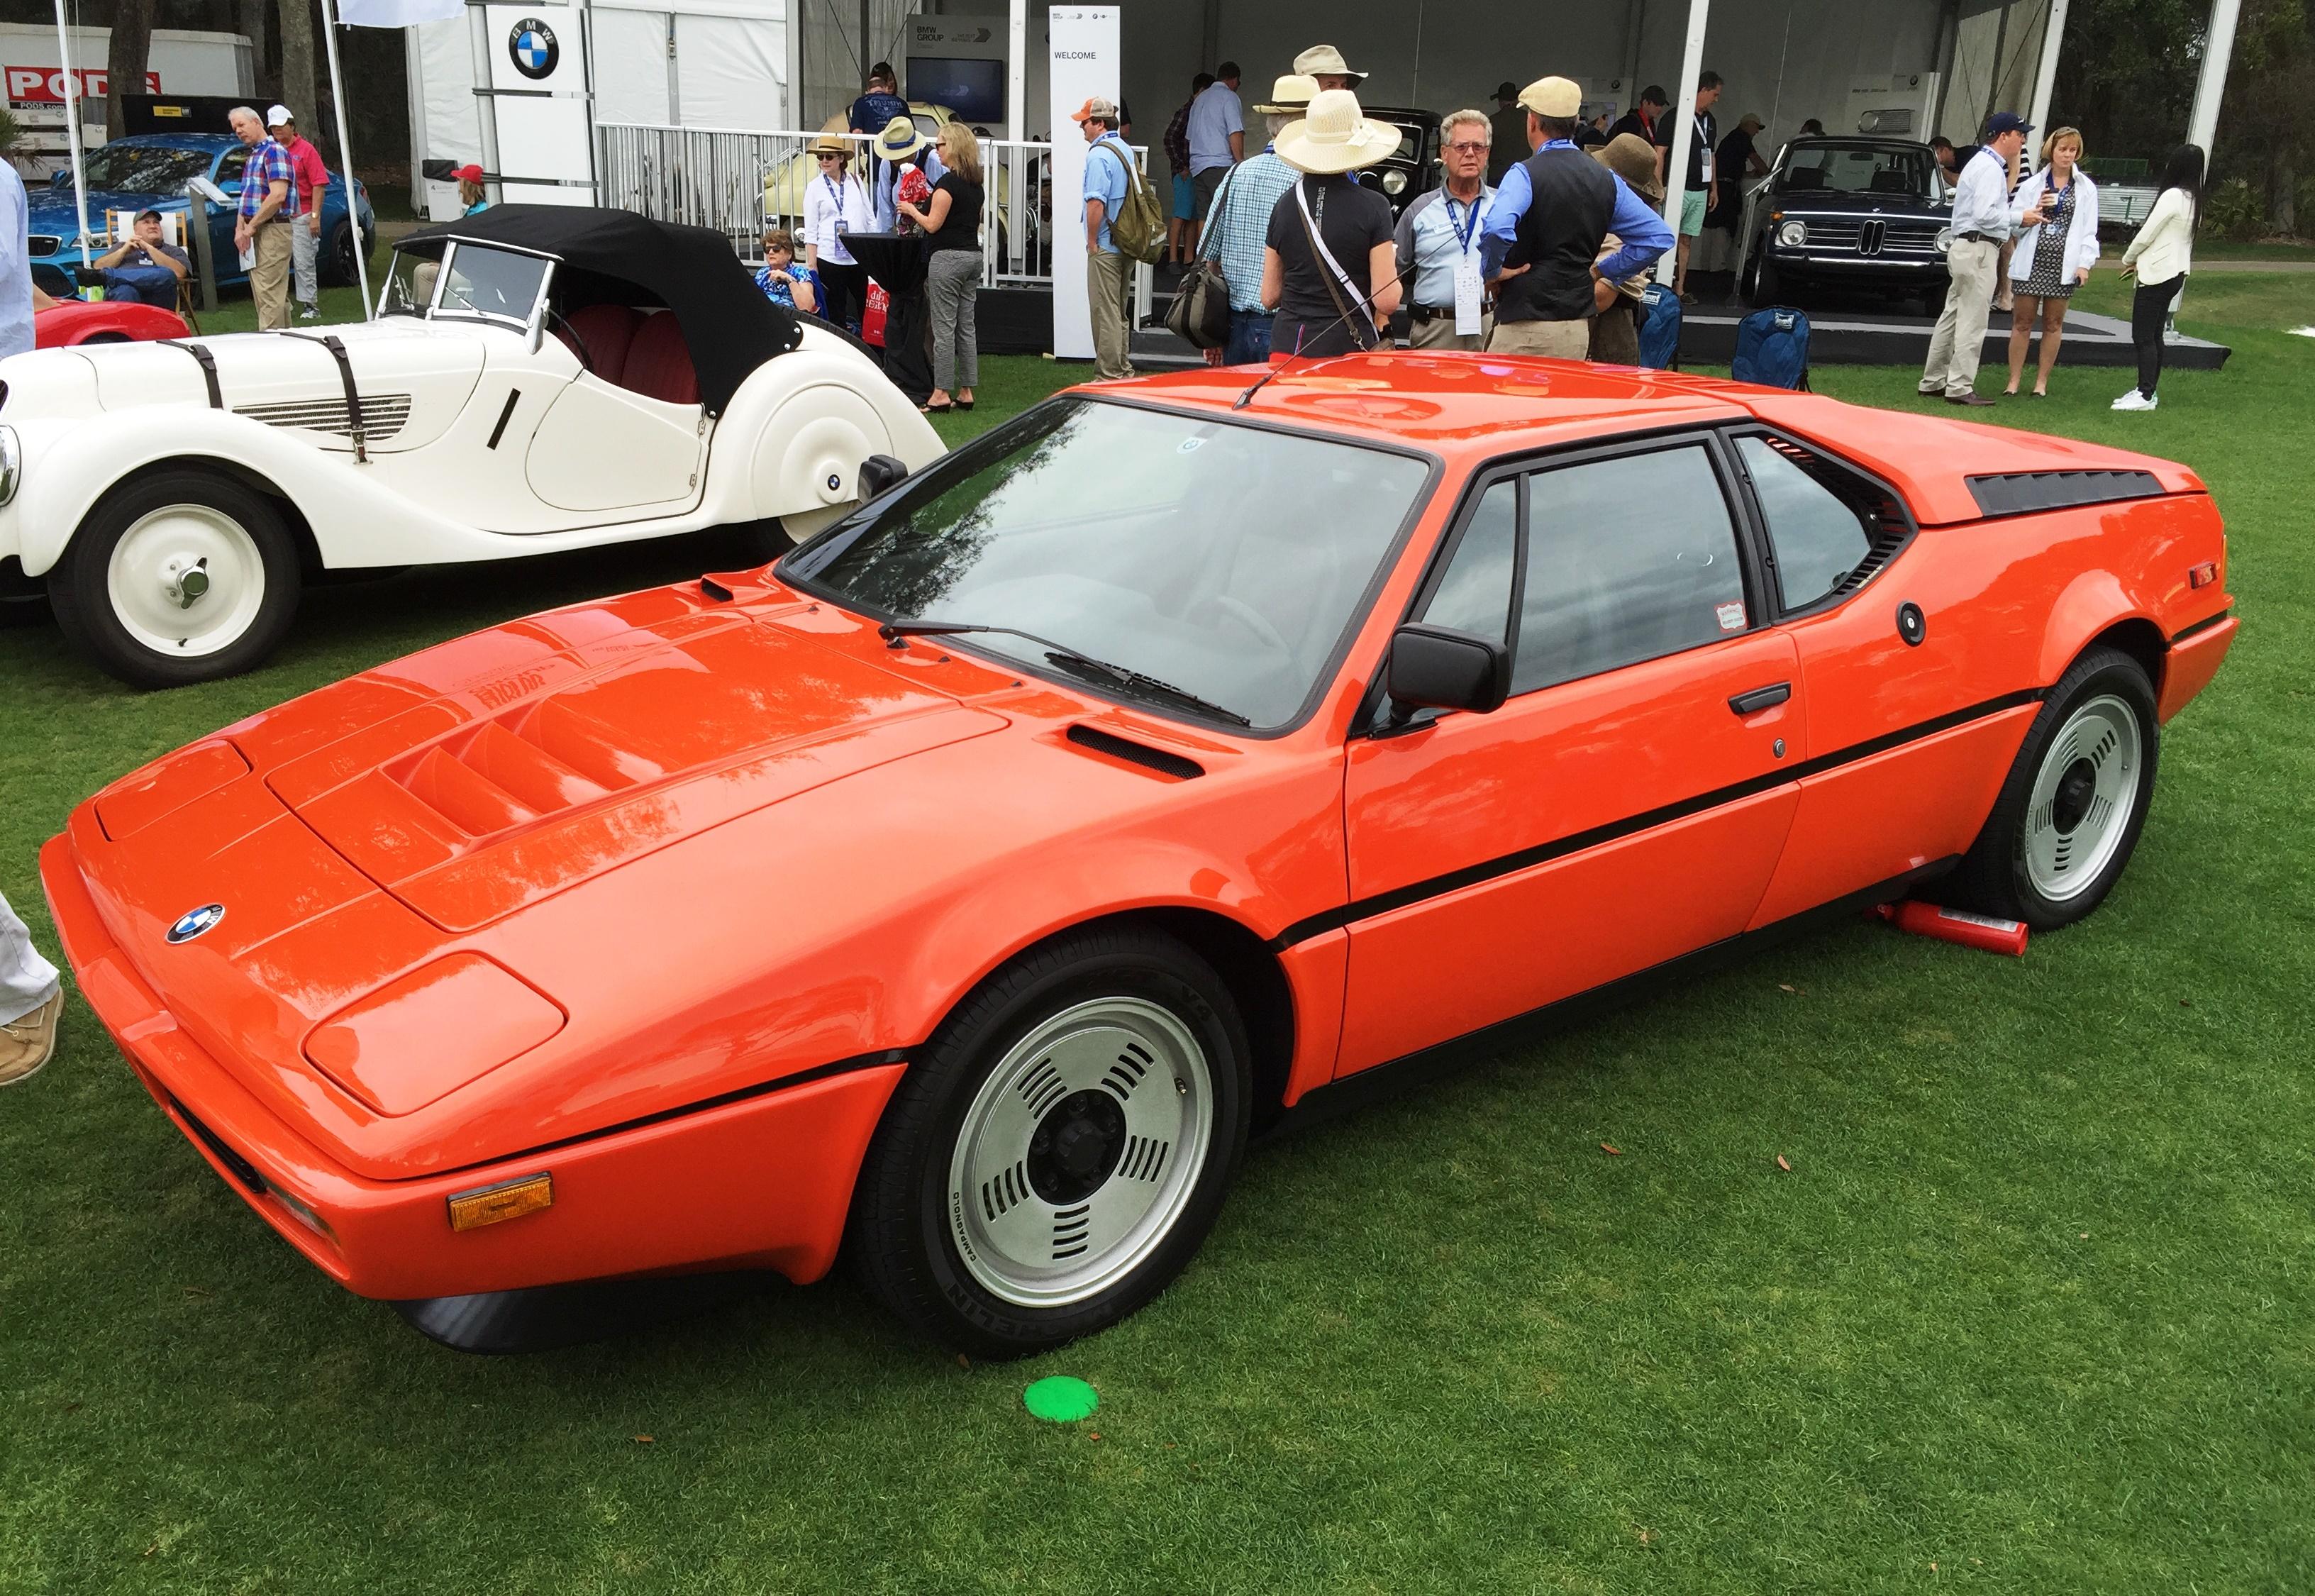 red BMW M1 - amelia island concours